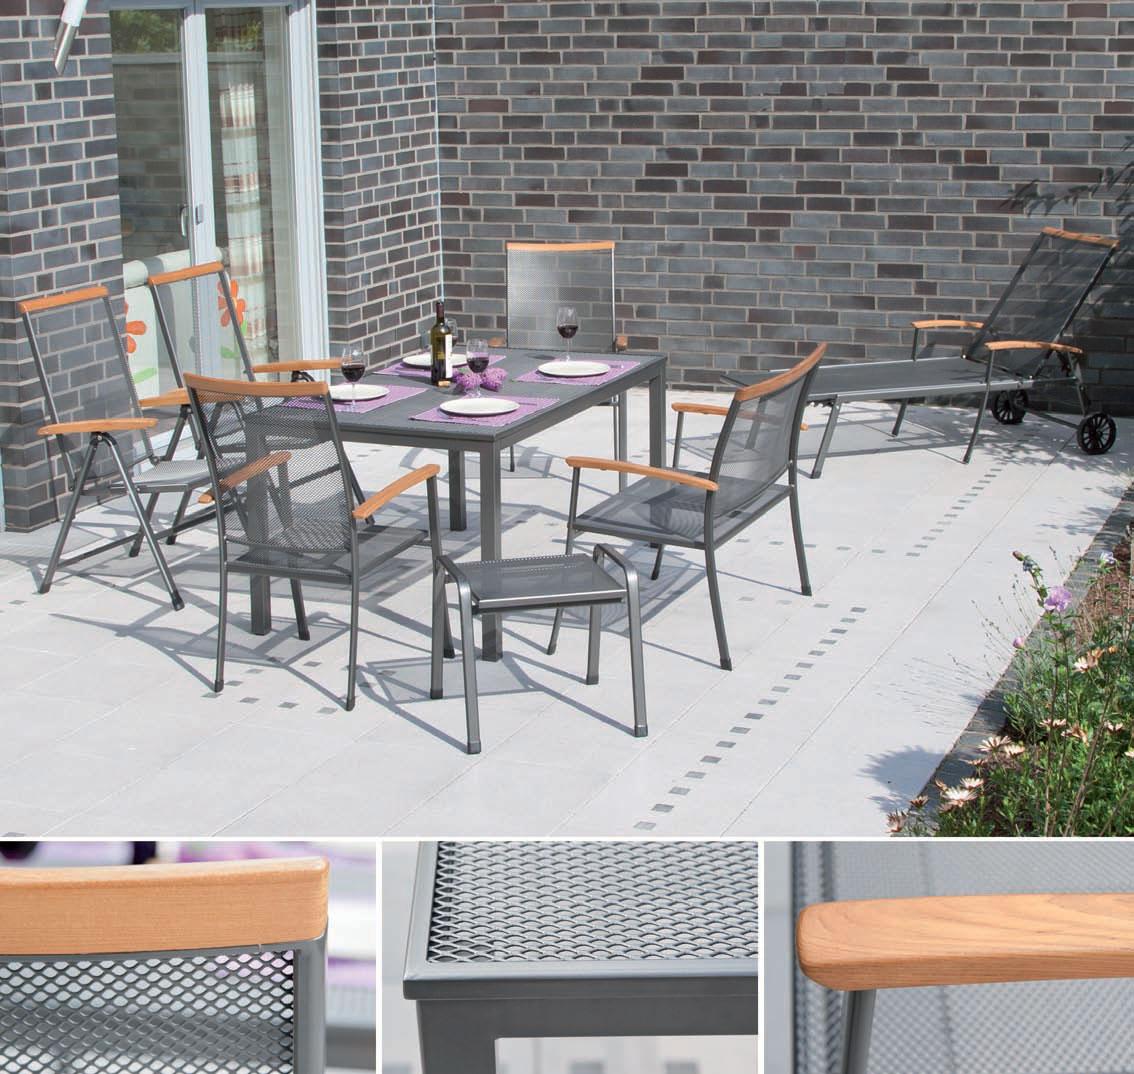 Siena Garden Gartentisch / Lofttisch Streckmetall 160x90cm eisengrau Bild 2